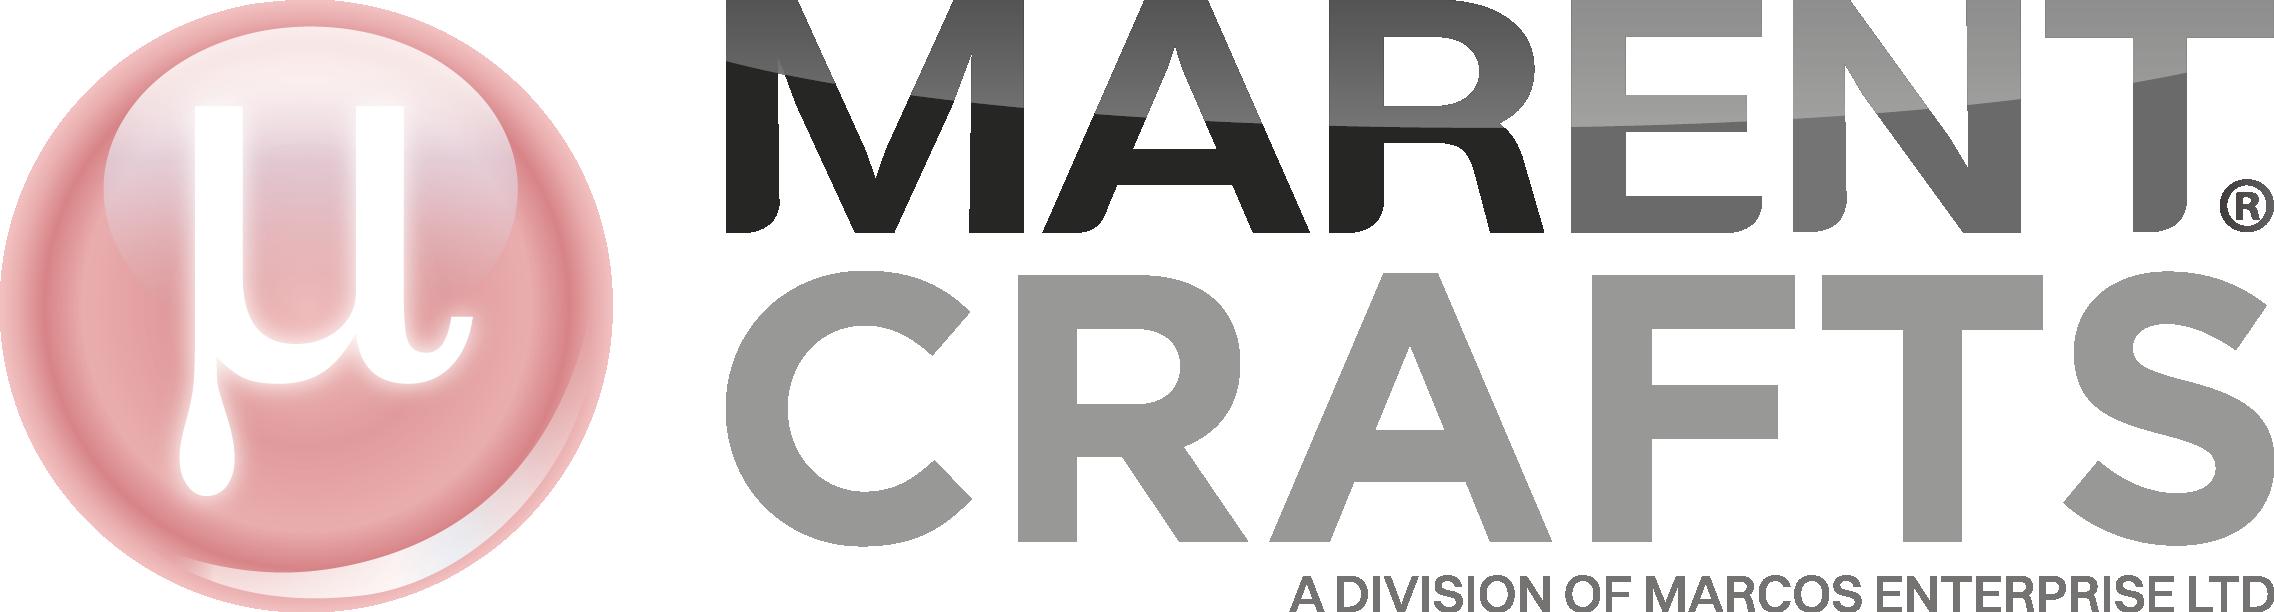 marent-logo-crafts (002)